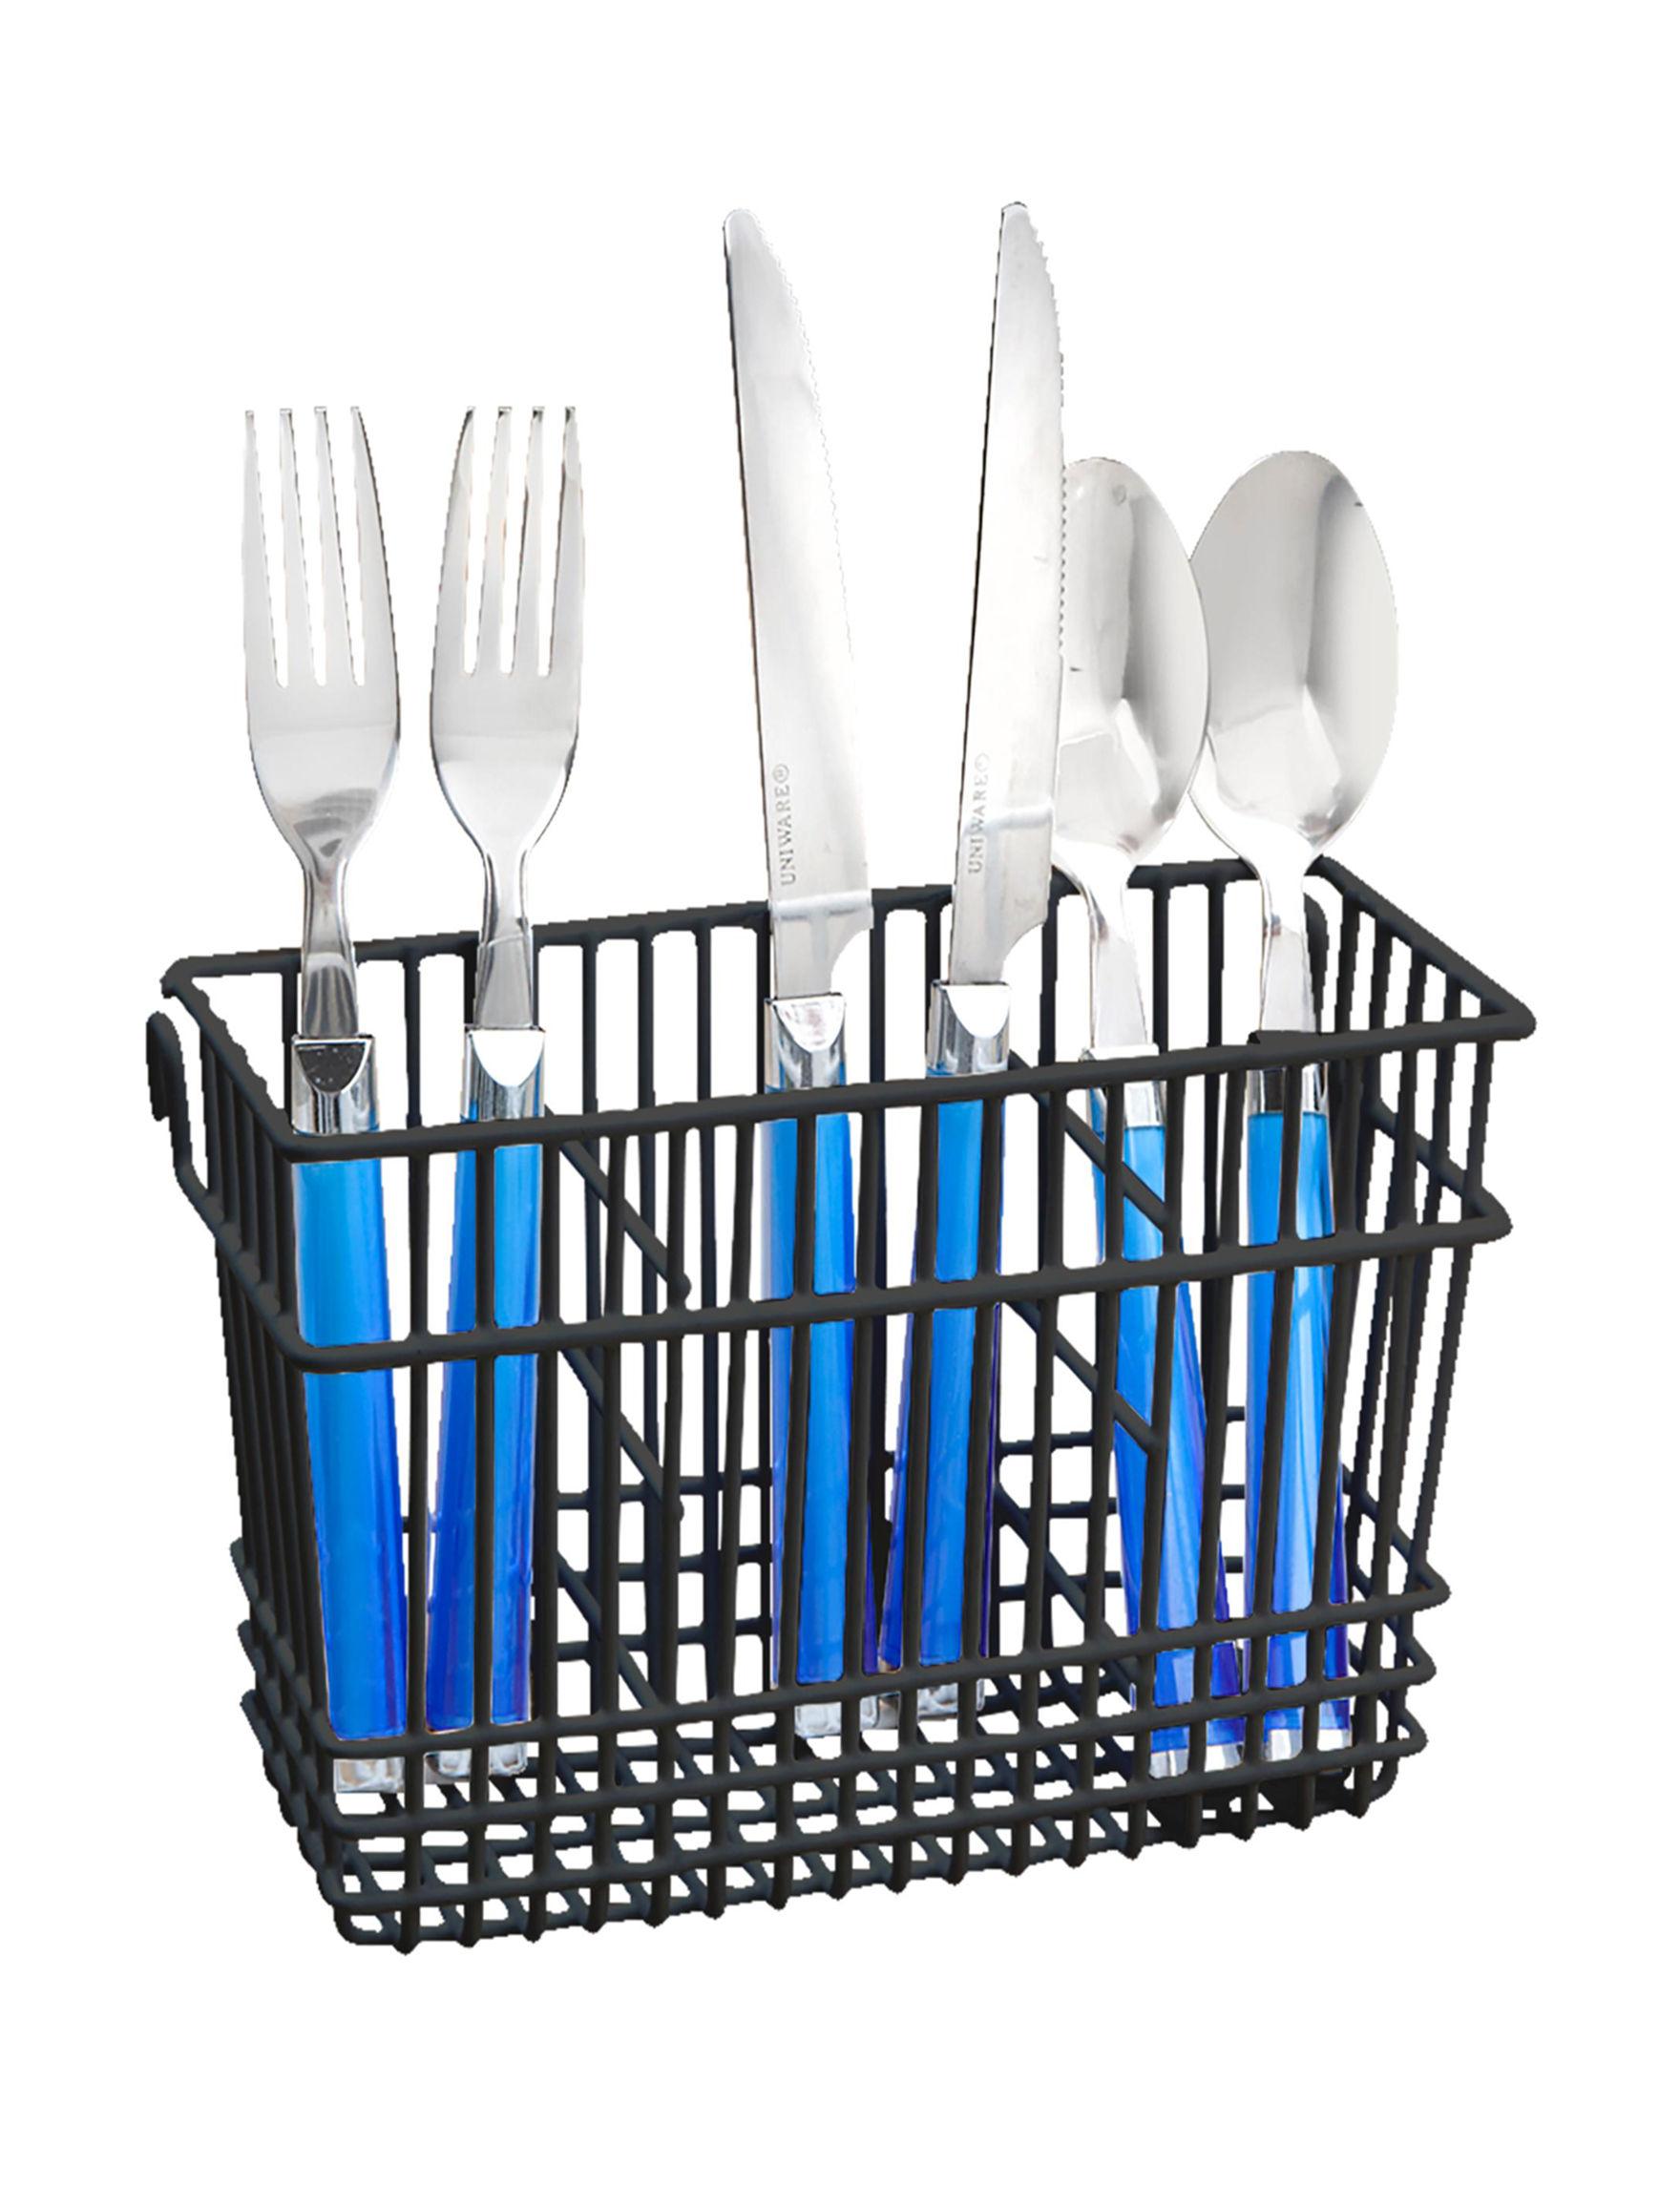 Simplify Black Kitchen Storage & Organization